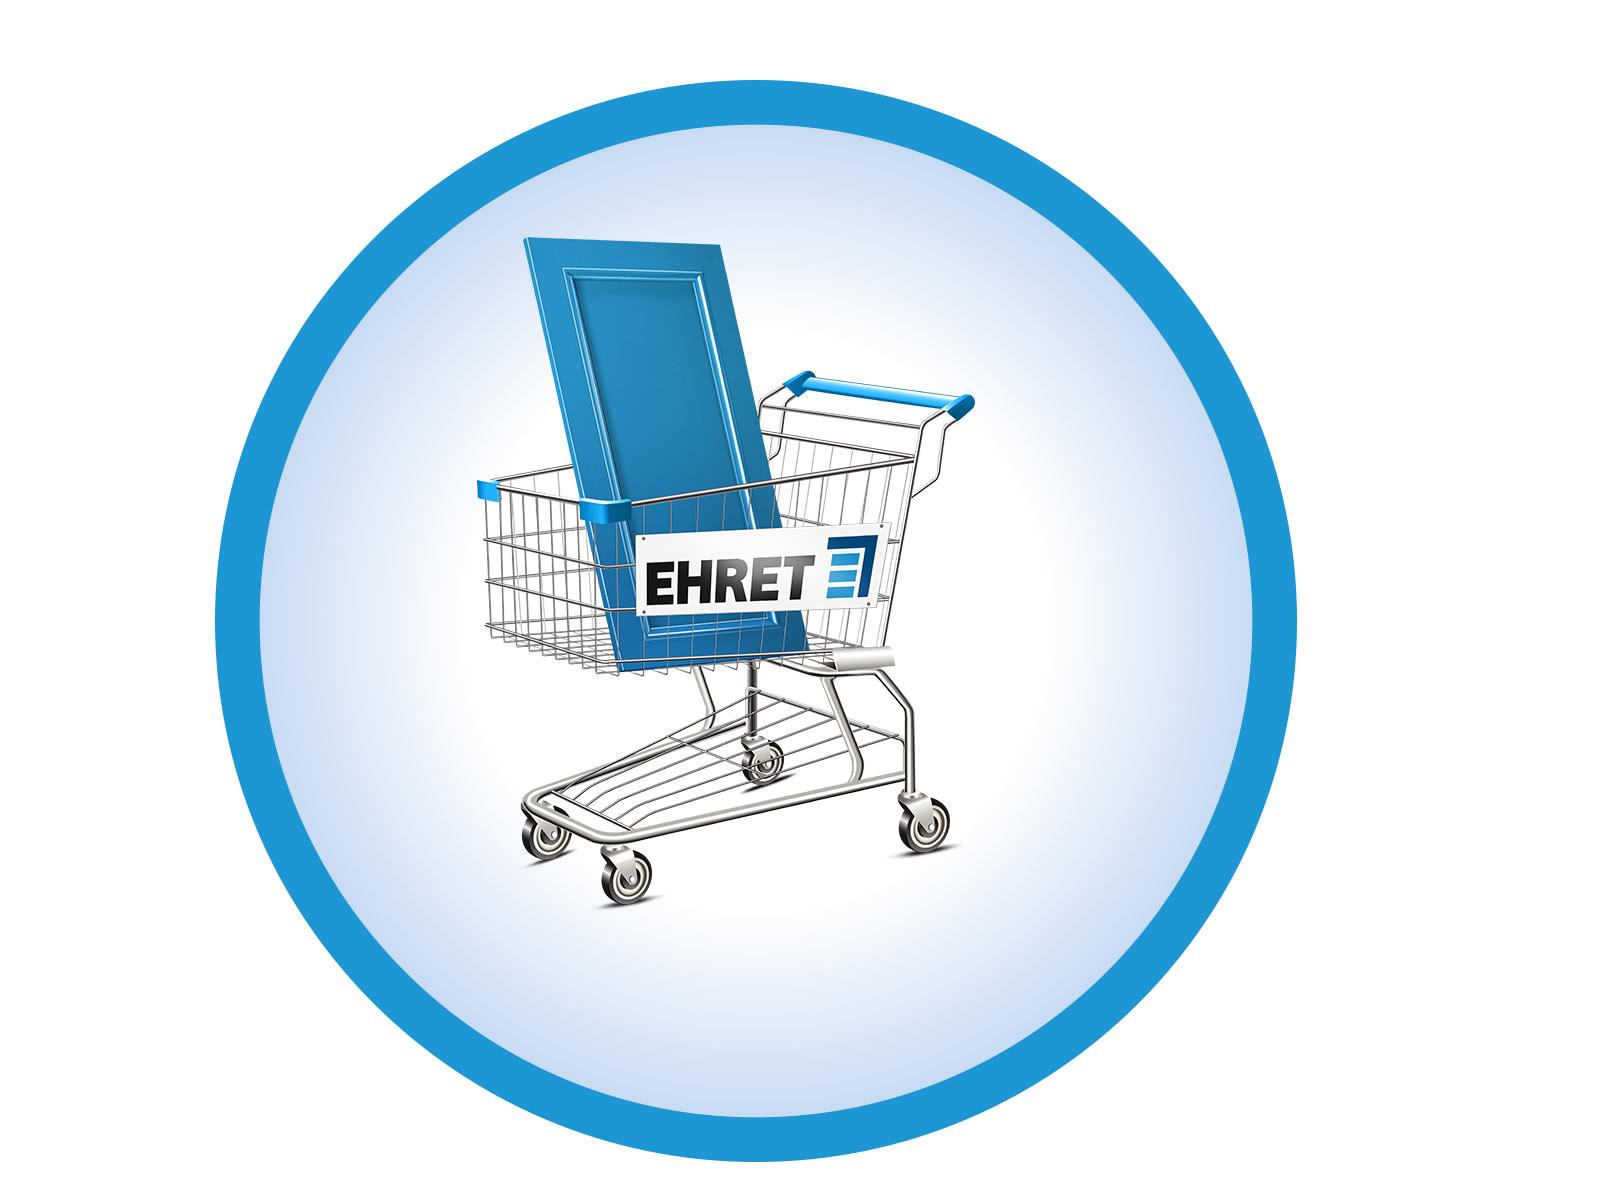 EHRET Webshop